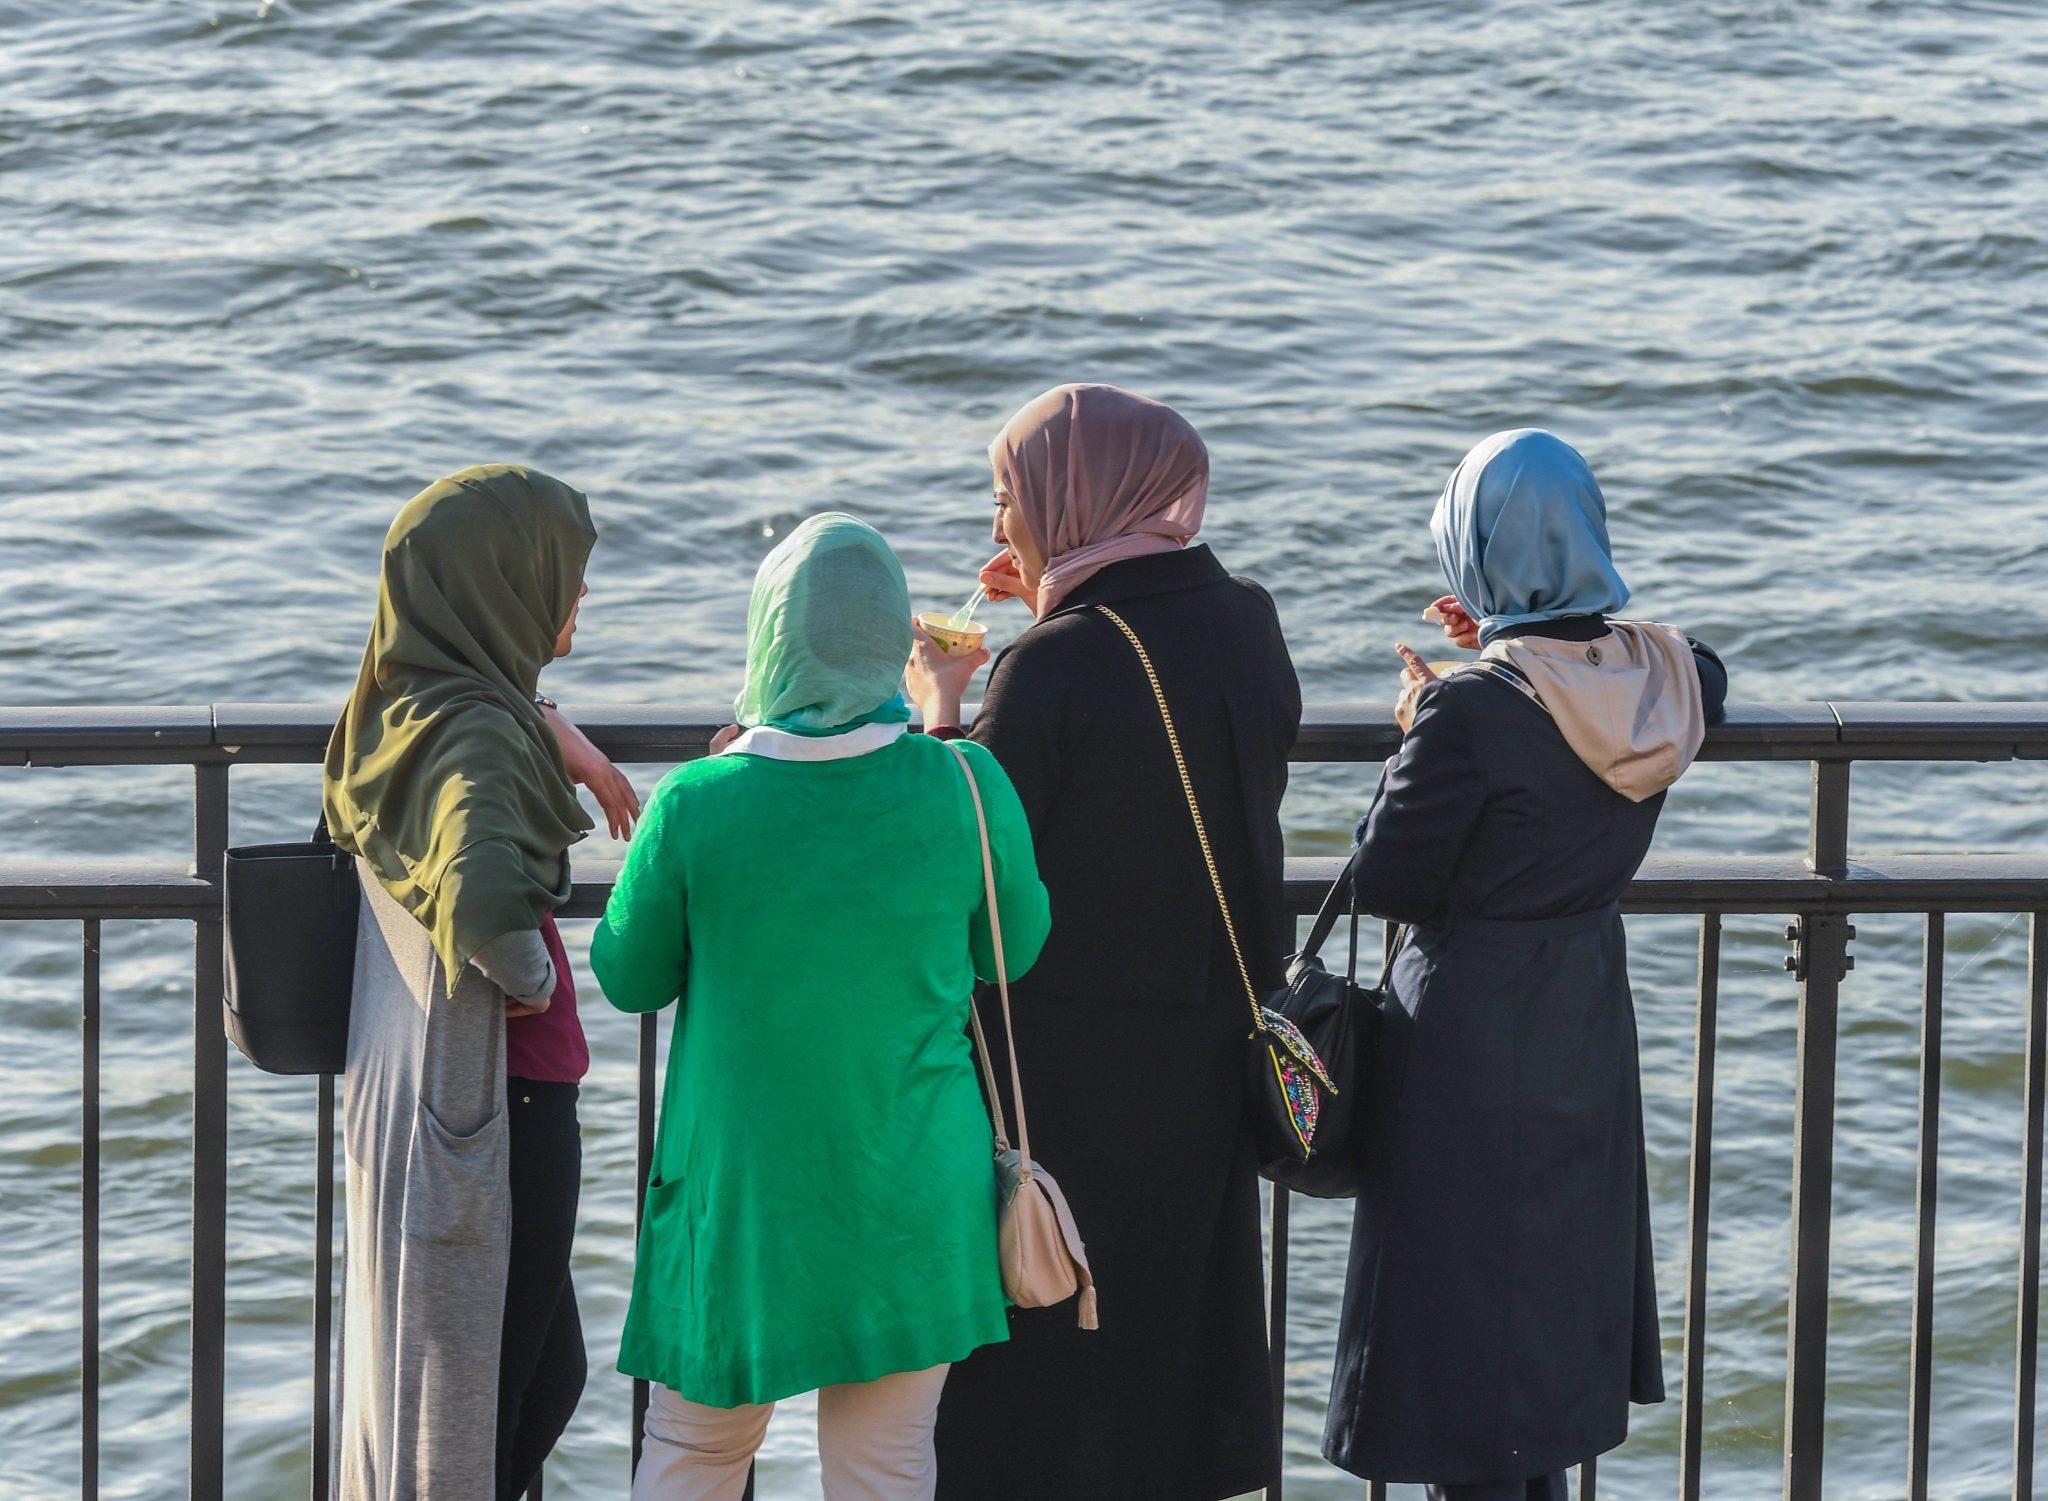 Flüchtlinge und Migranten in Deutschland